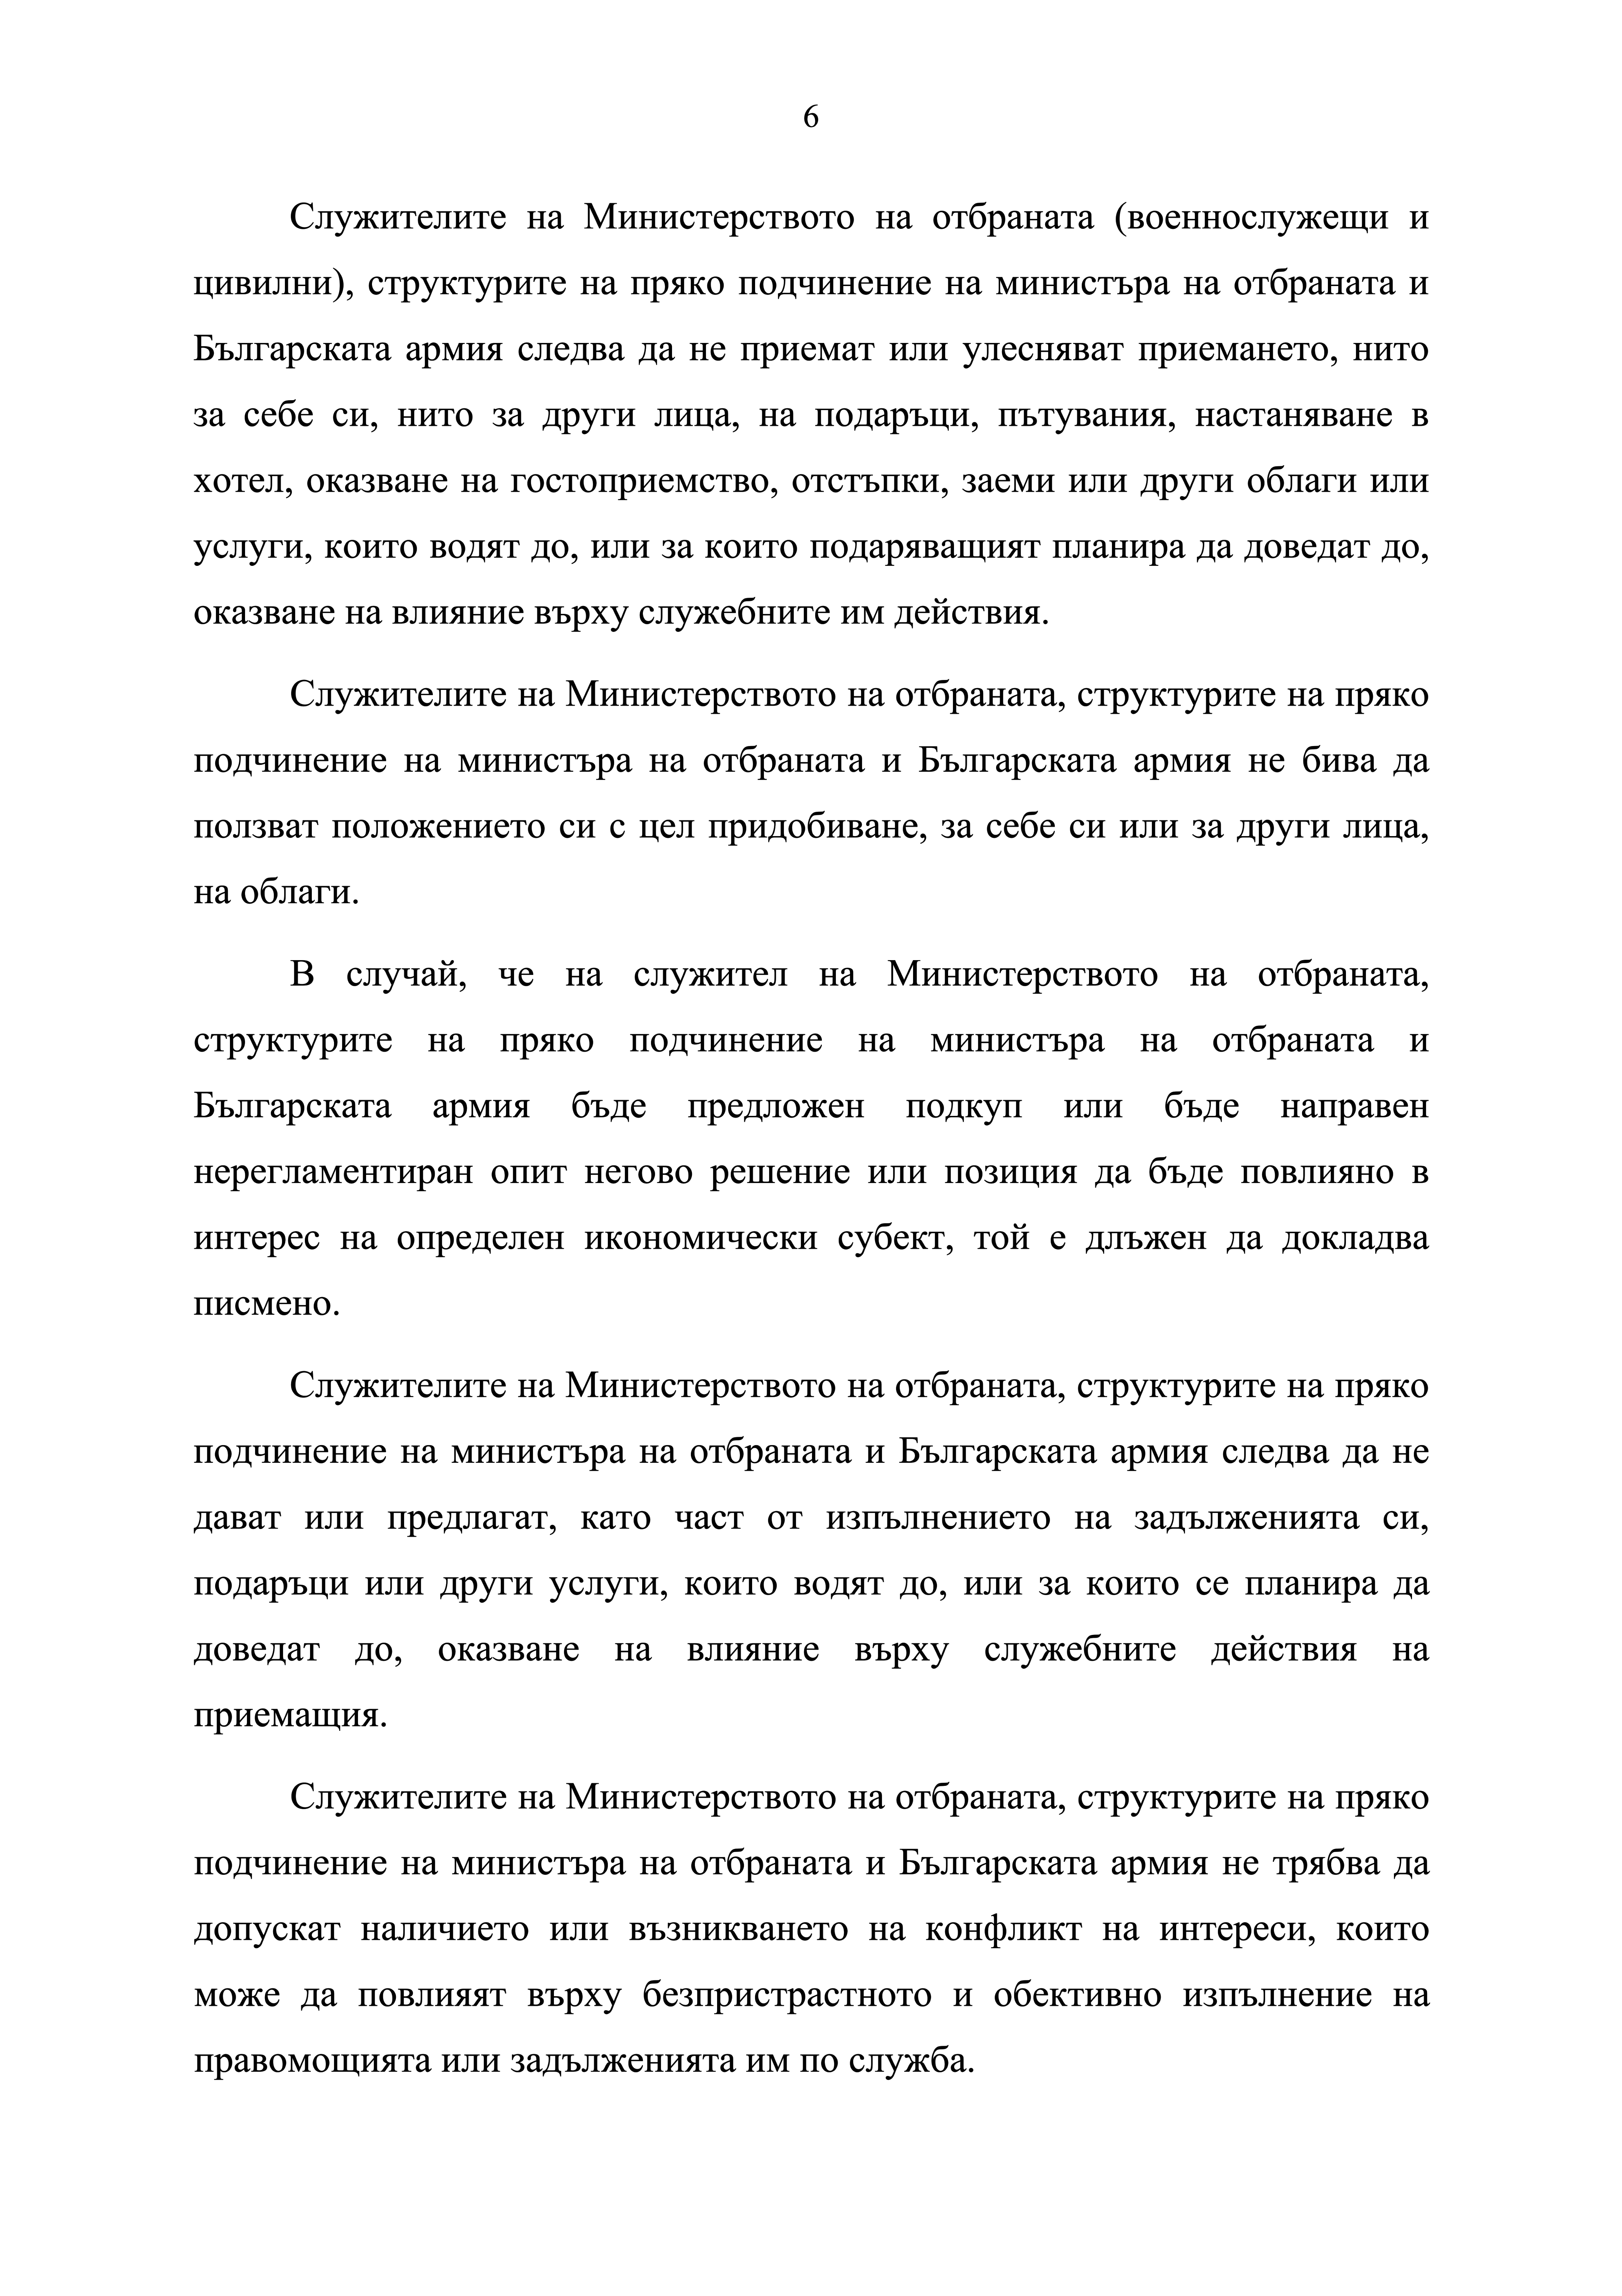 kodeks_etichno_povedenie_006